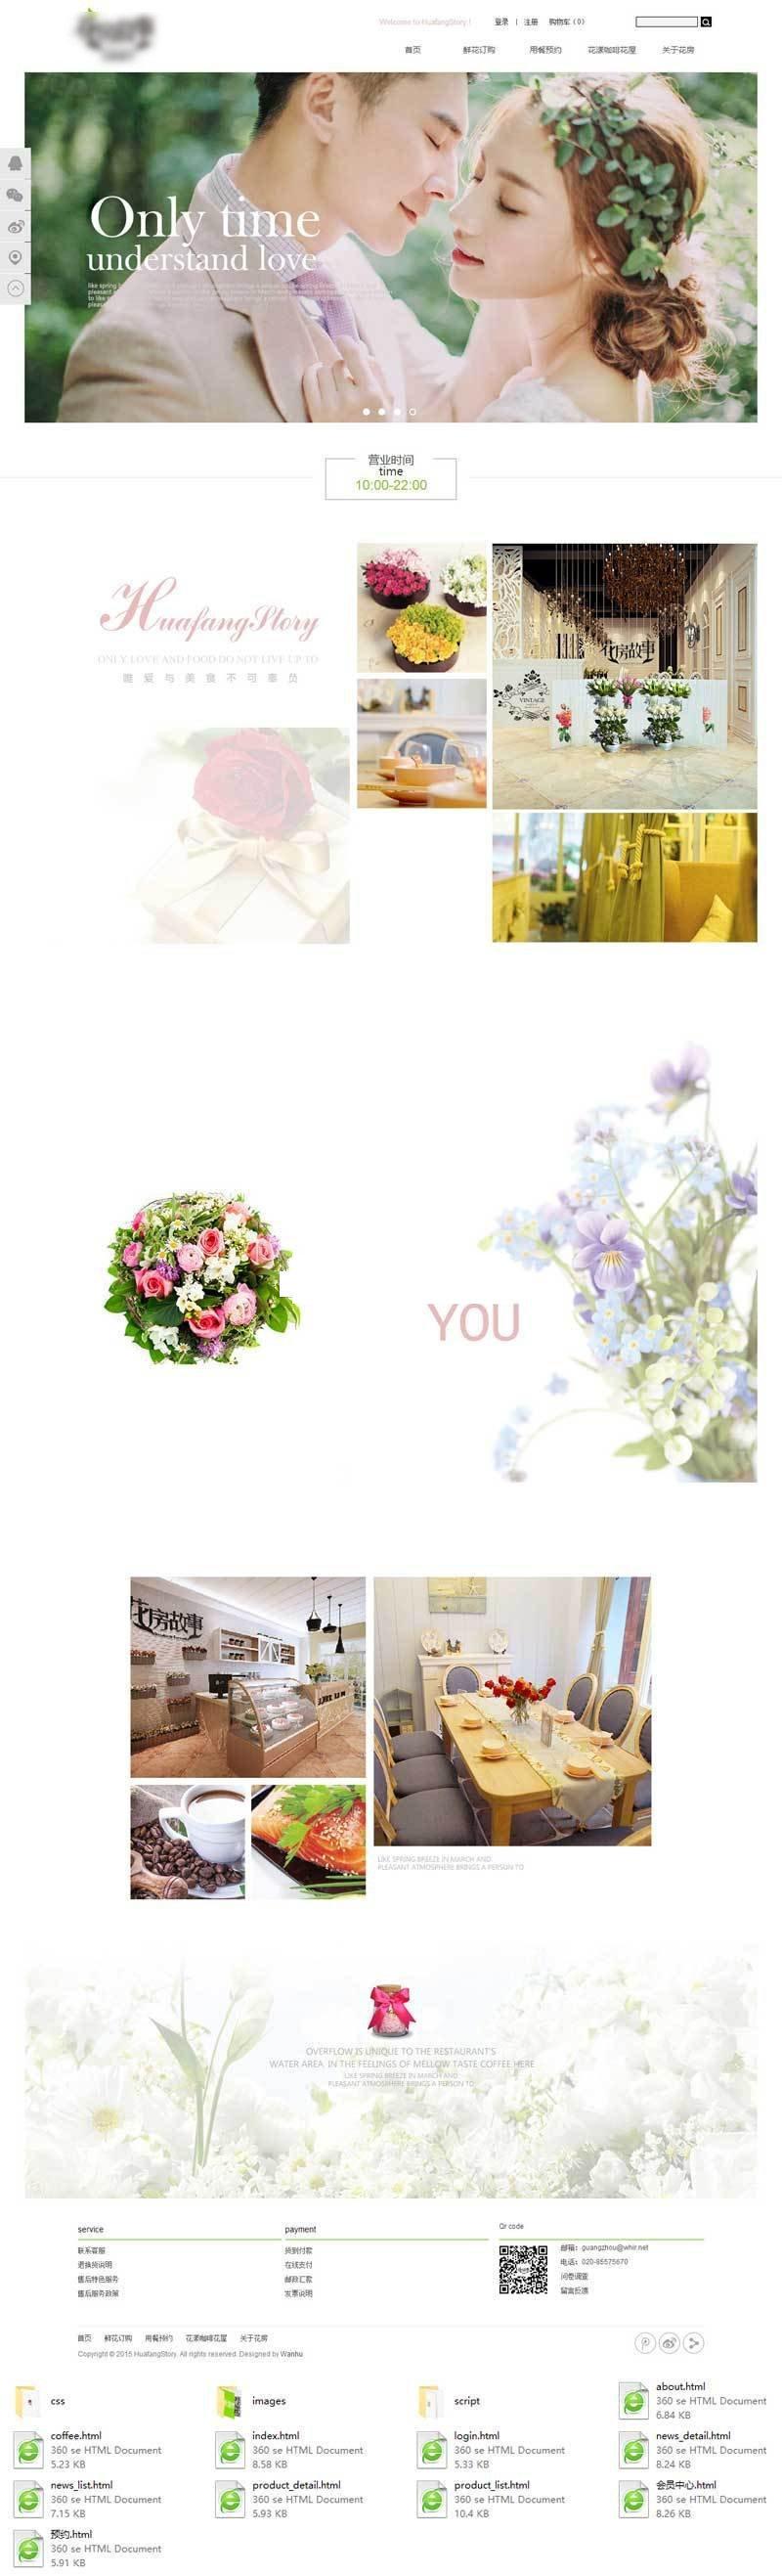 小清新鲜花预订特色餐厅网站模板html源码